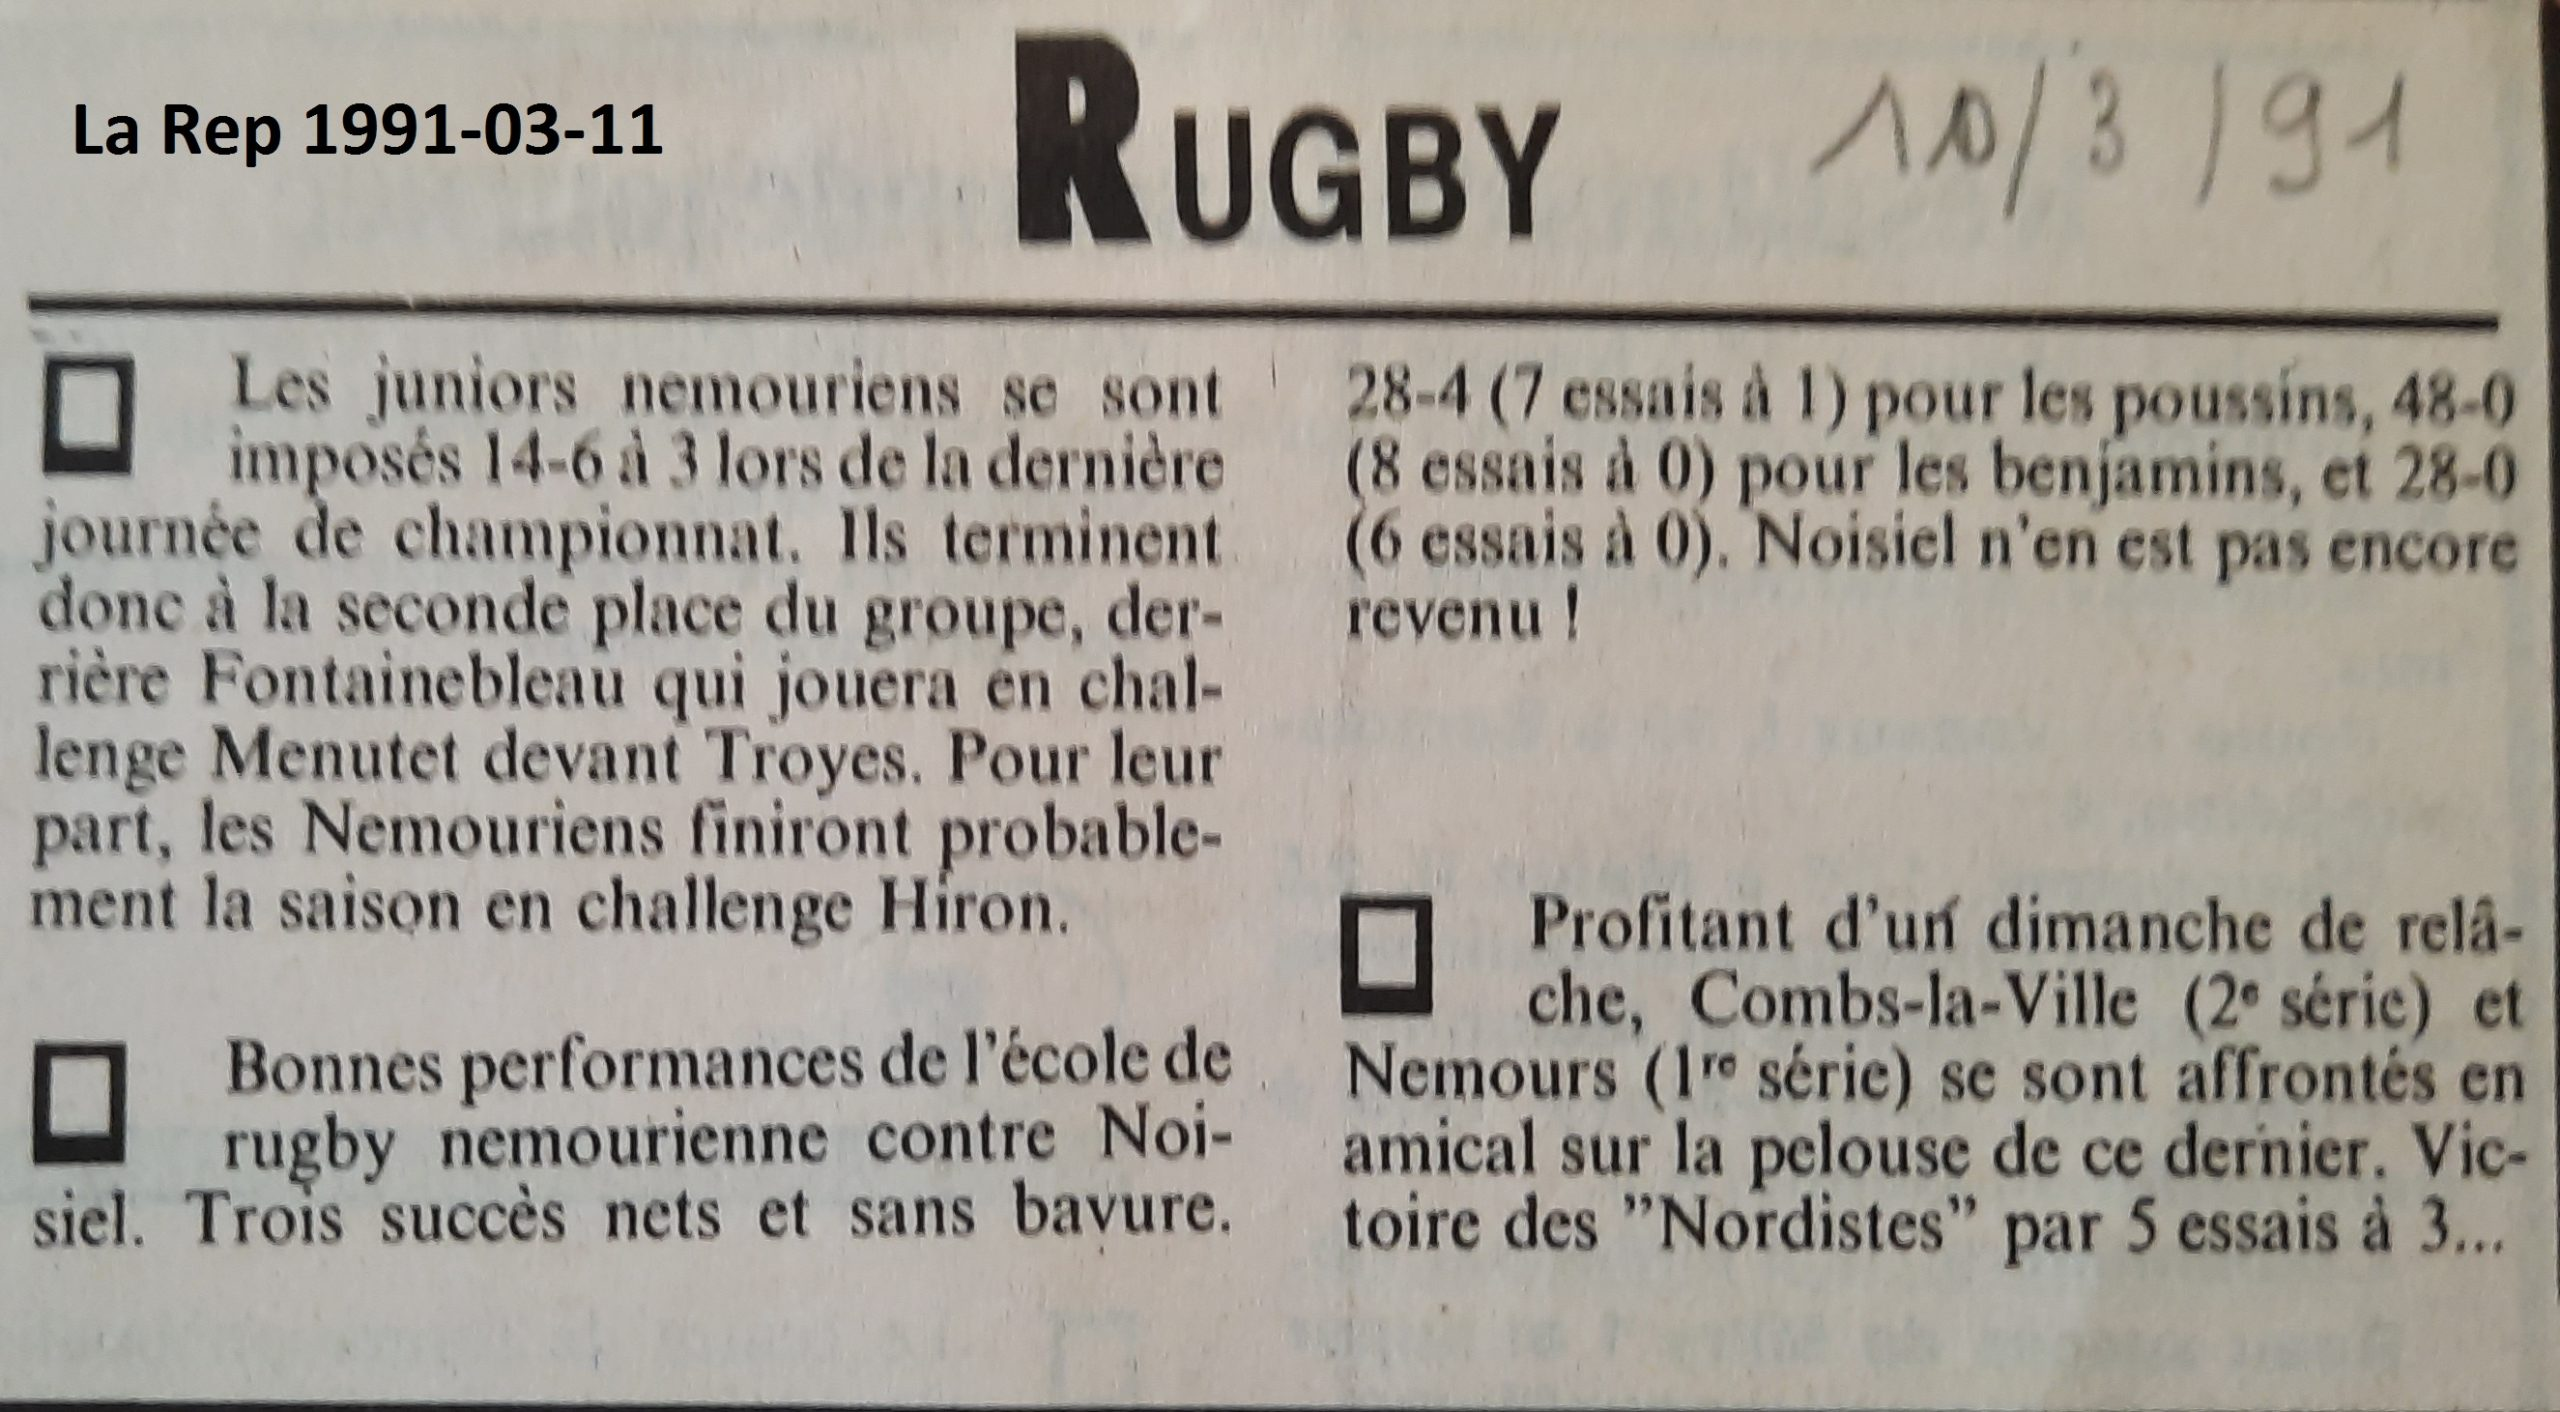 La République 1991-03-11